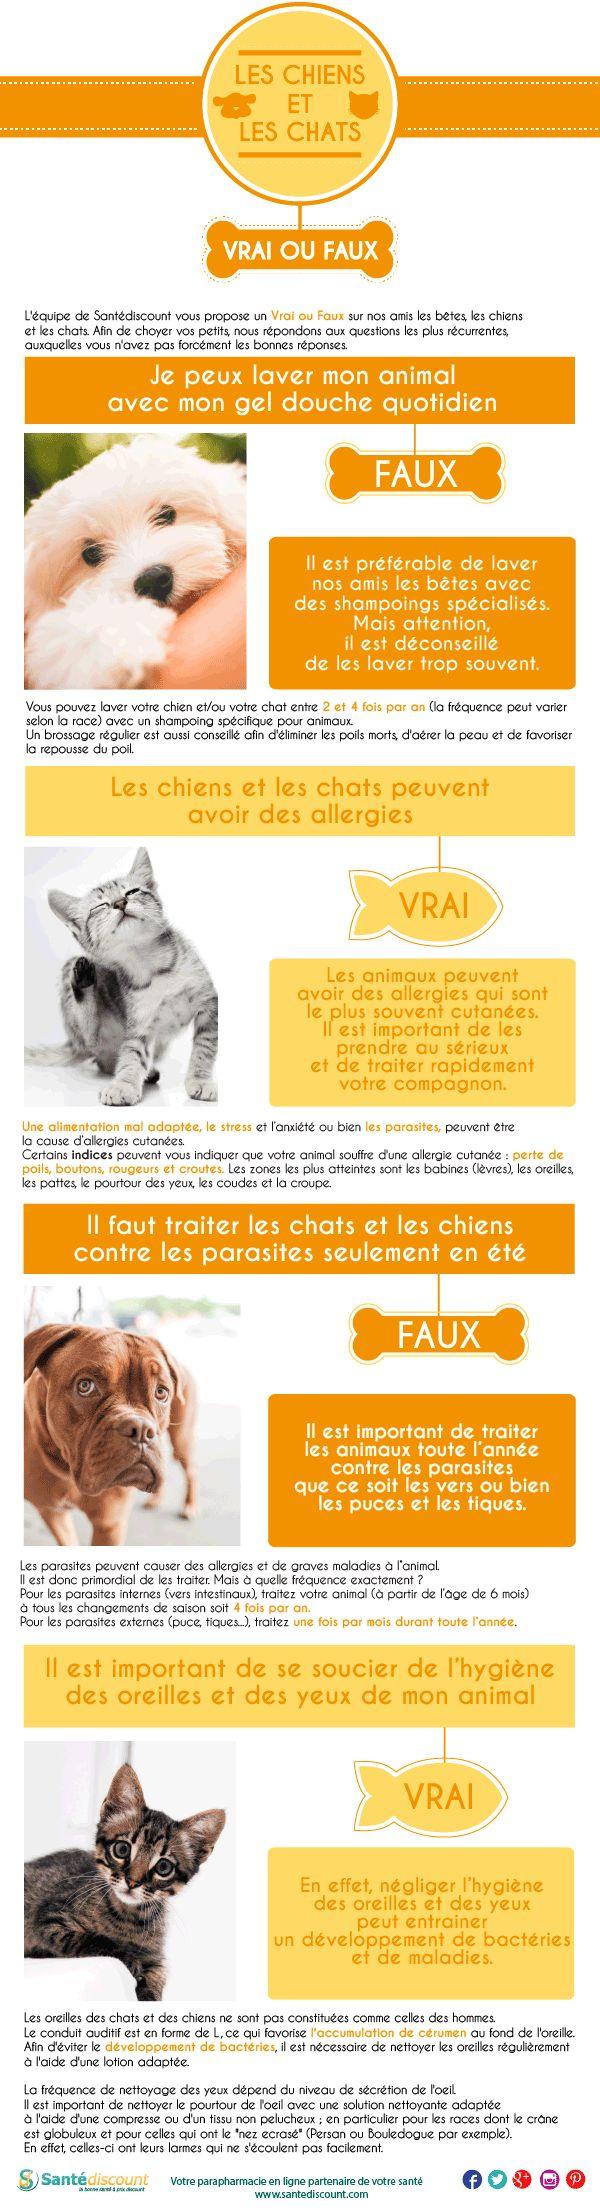 Vrai ou faux sur les chiens et les chats ! #infographie #datadesign #chienchat #pets #vraifaux